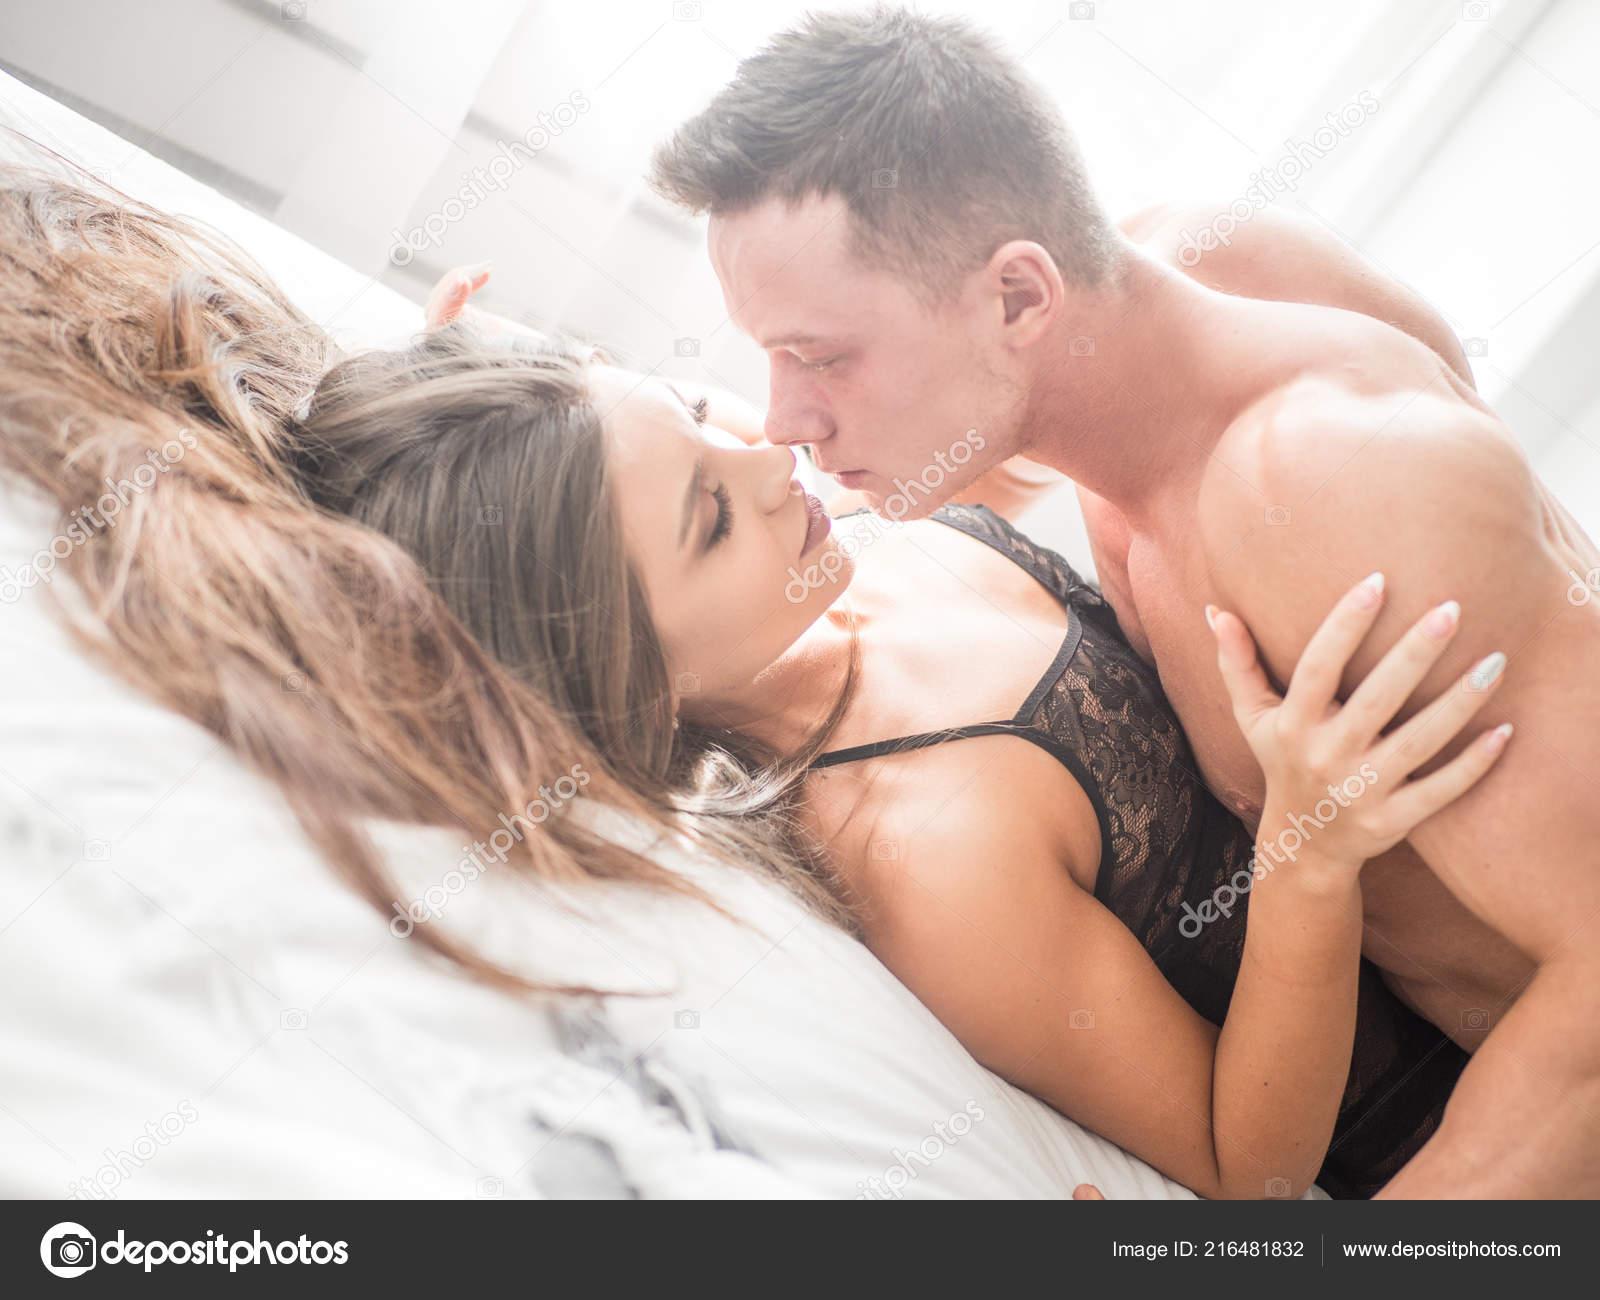 Рамблер о сексе